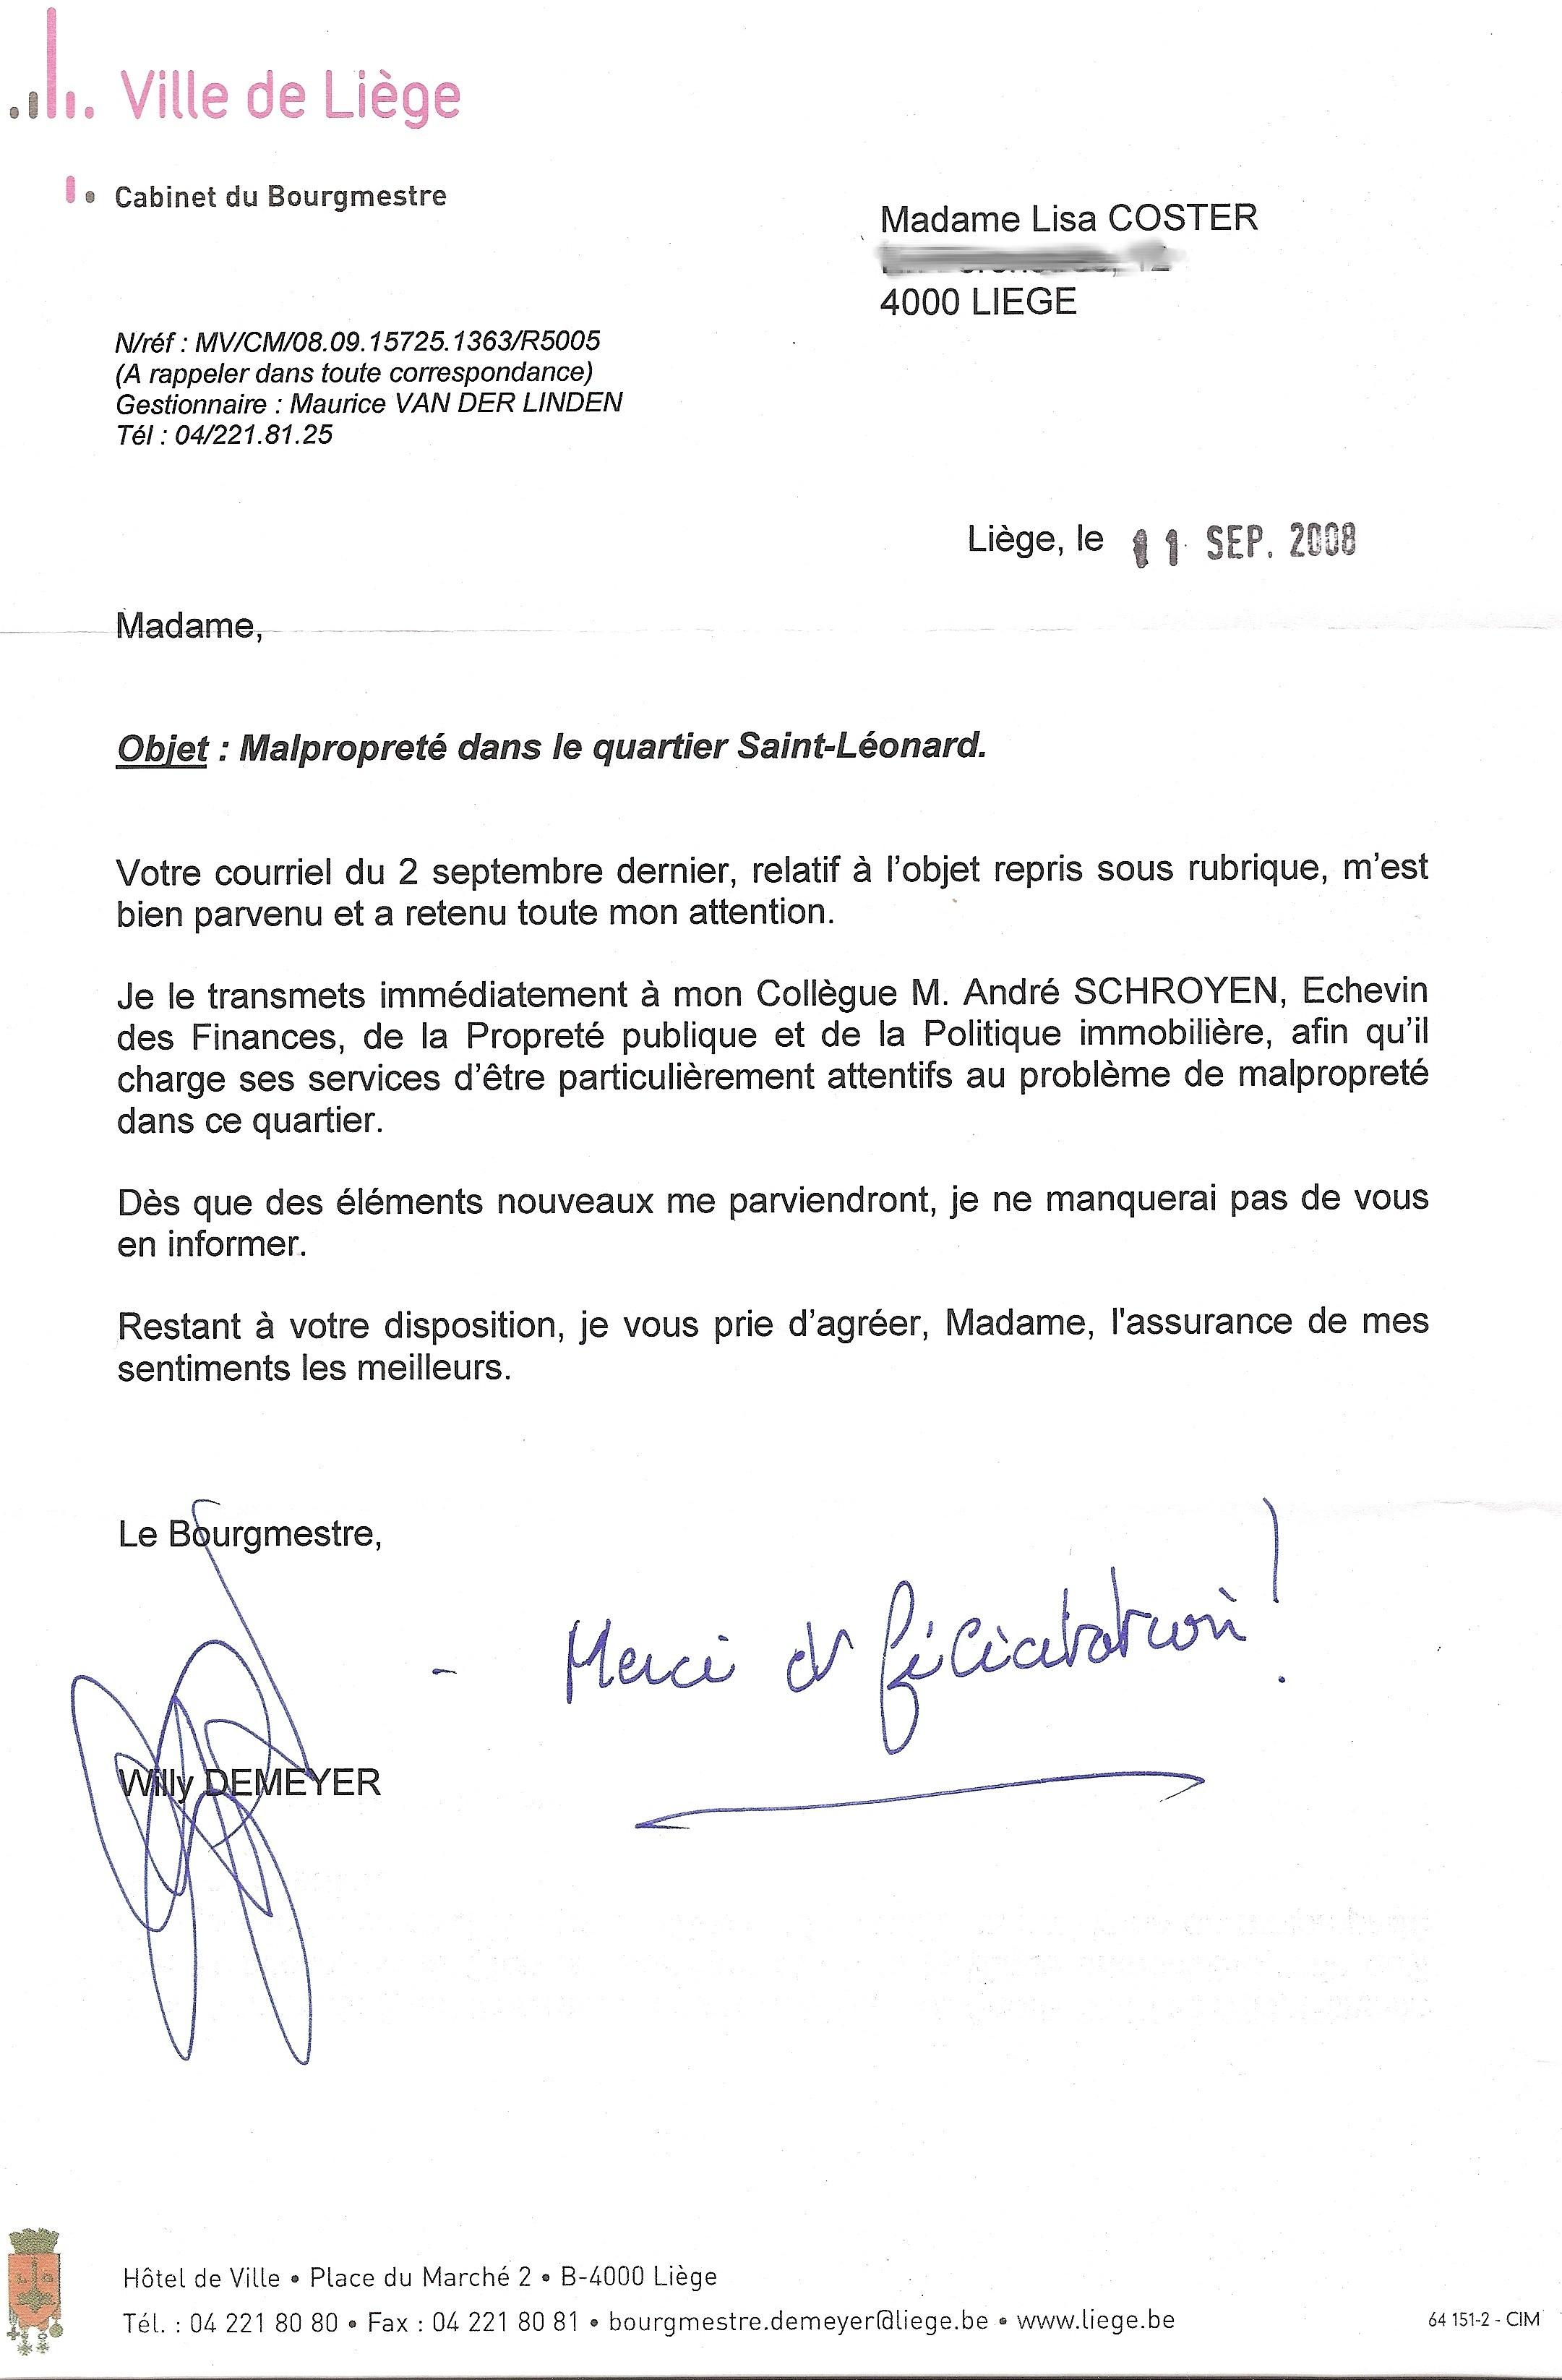 gefeliciteerd brief september | 2008 | Lisa in Luik | Pagina 2 gefeliciteerd brief